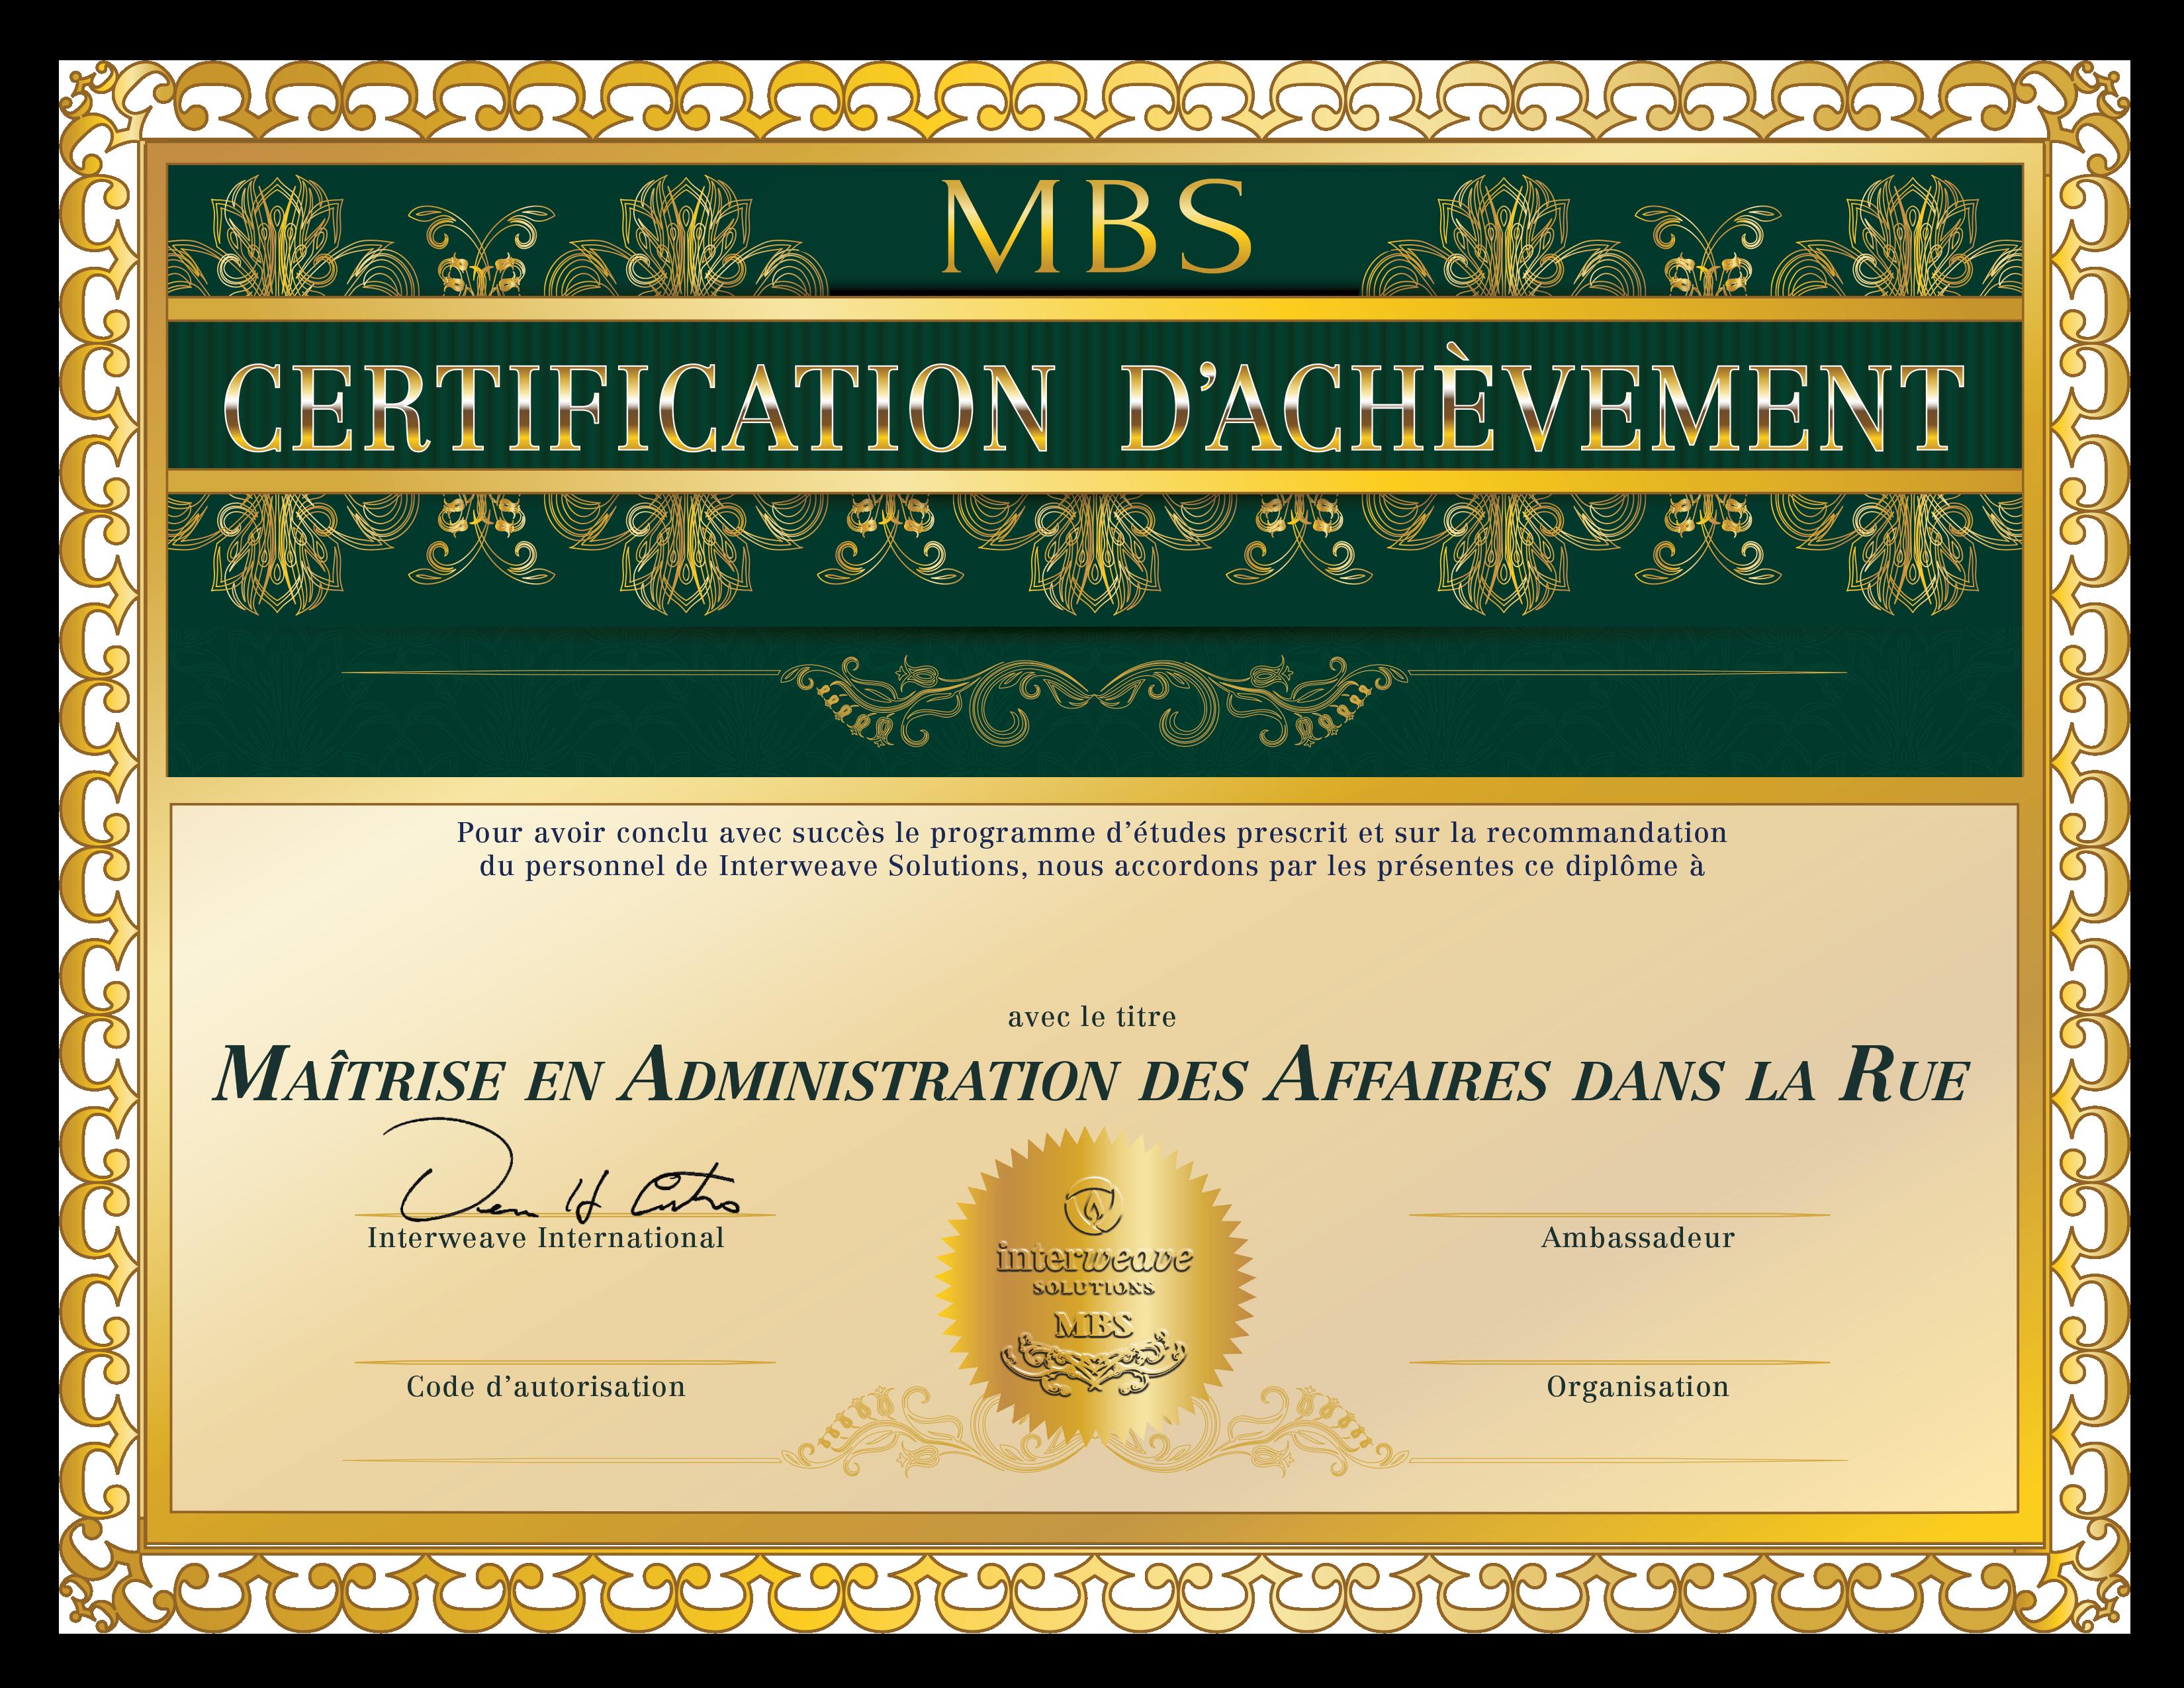 FR_MBS_Certificate